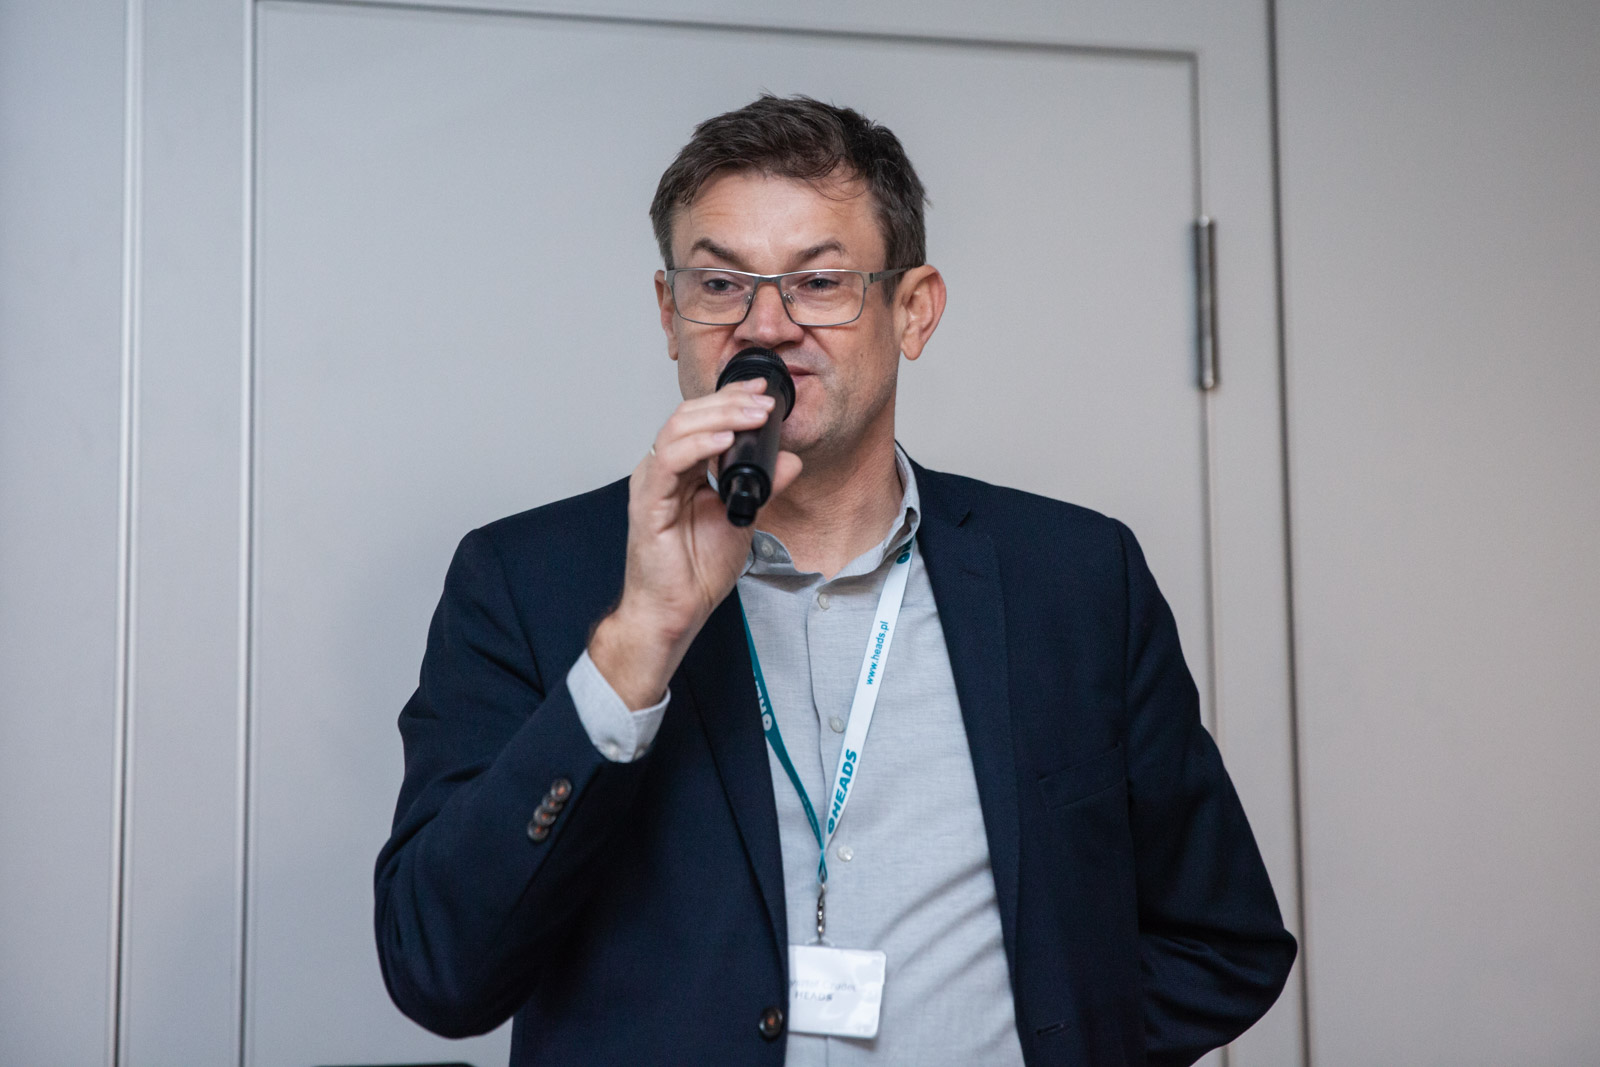 Krzysztof Czudec, HEADS sp. z o.o. XXIII Seminarium szkoleniowe dla branży HDD. fot. <a href=&quot;http://www.quality-studio.com&quot; target=&quot;_blank&quot;>Quality Studio</a> dla www.inzynieria.com